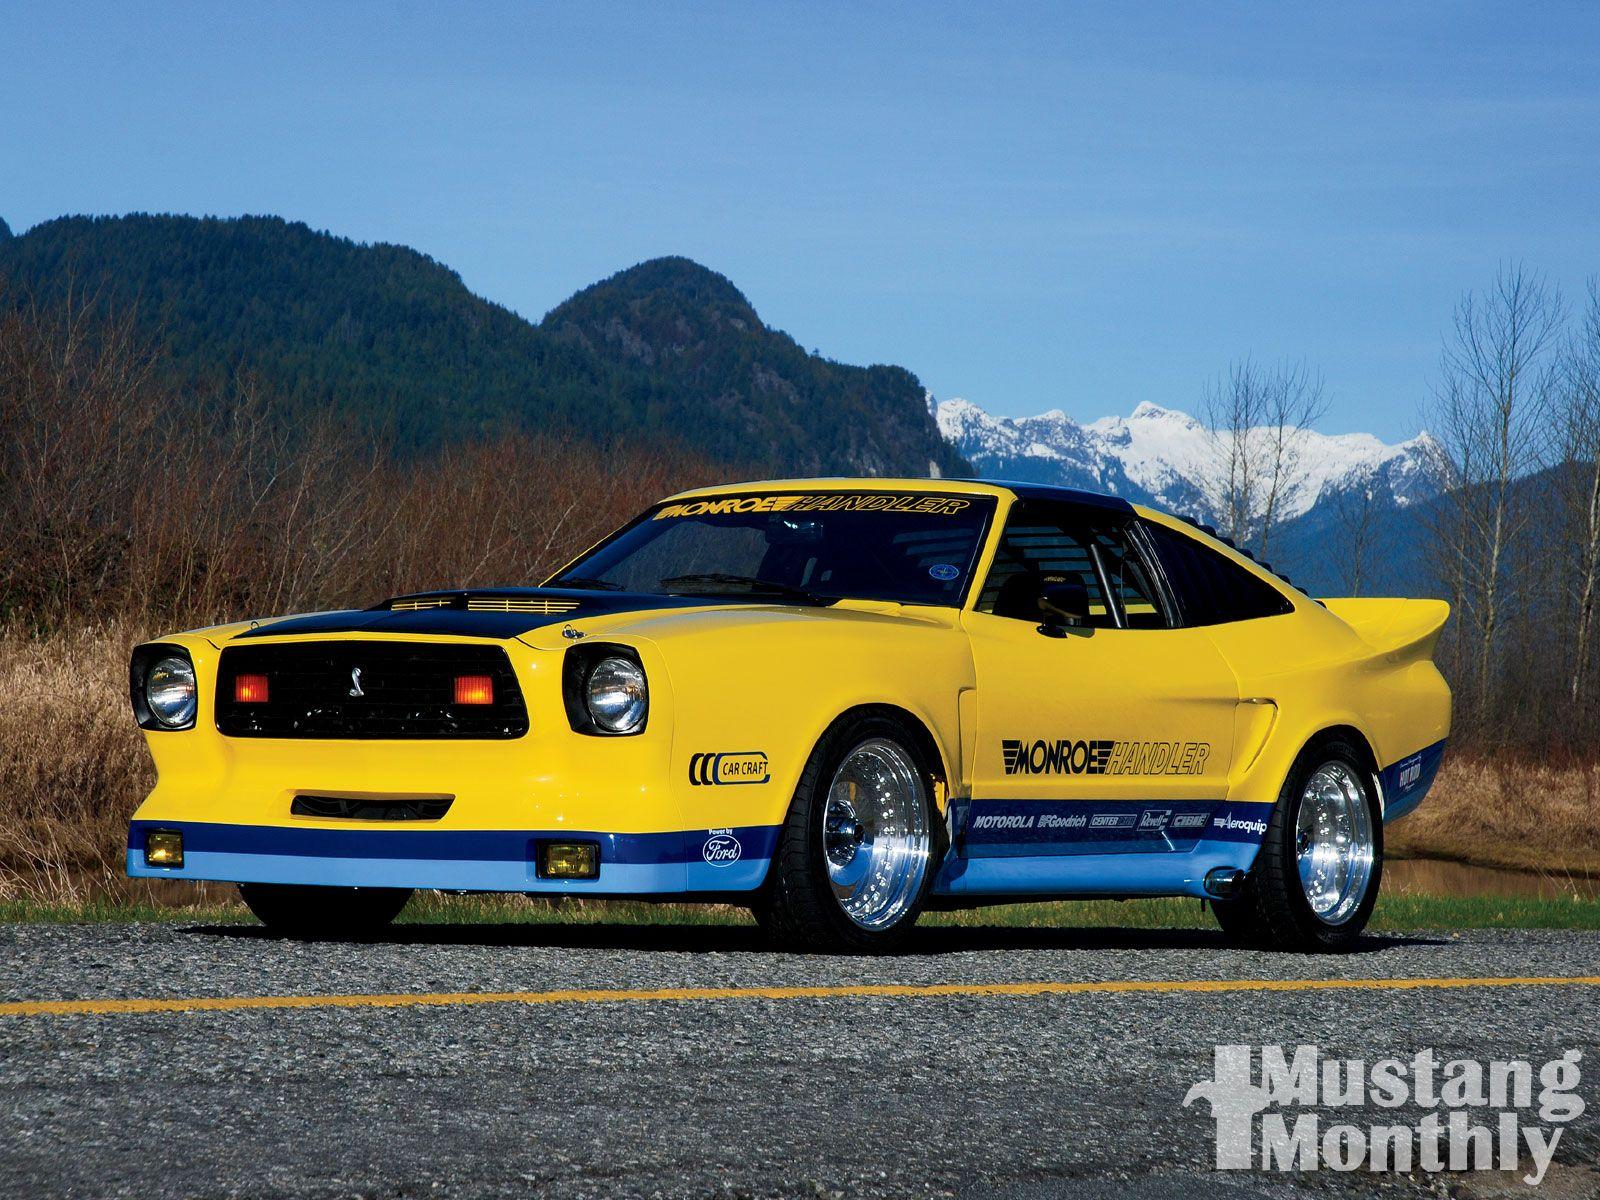 78 Mustang Nice Rides